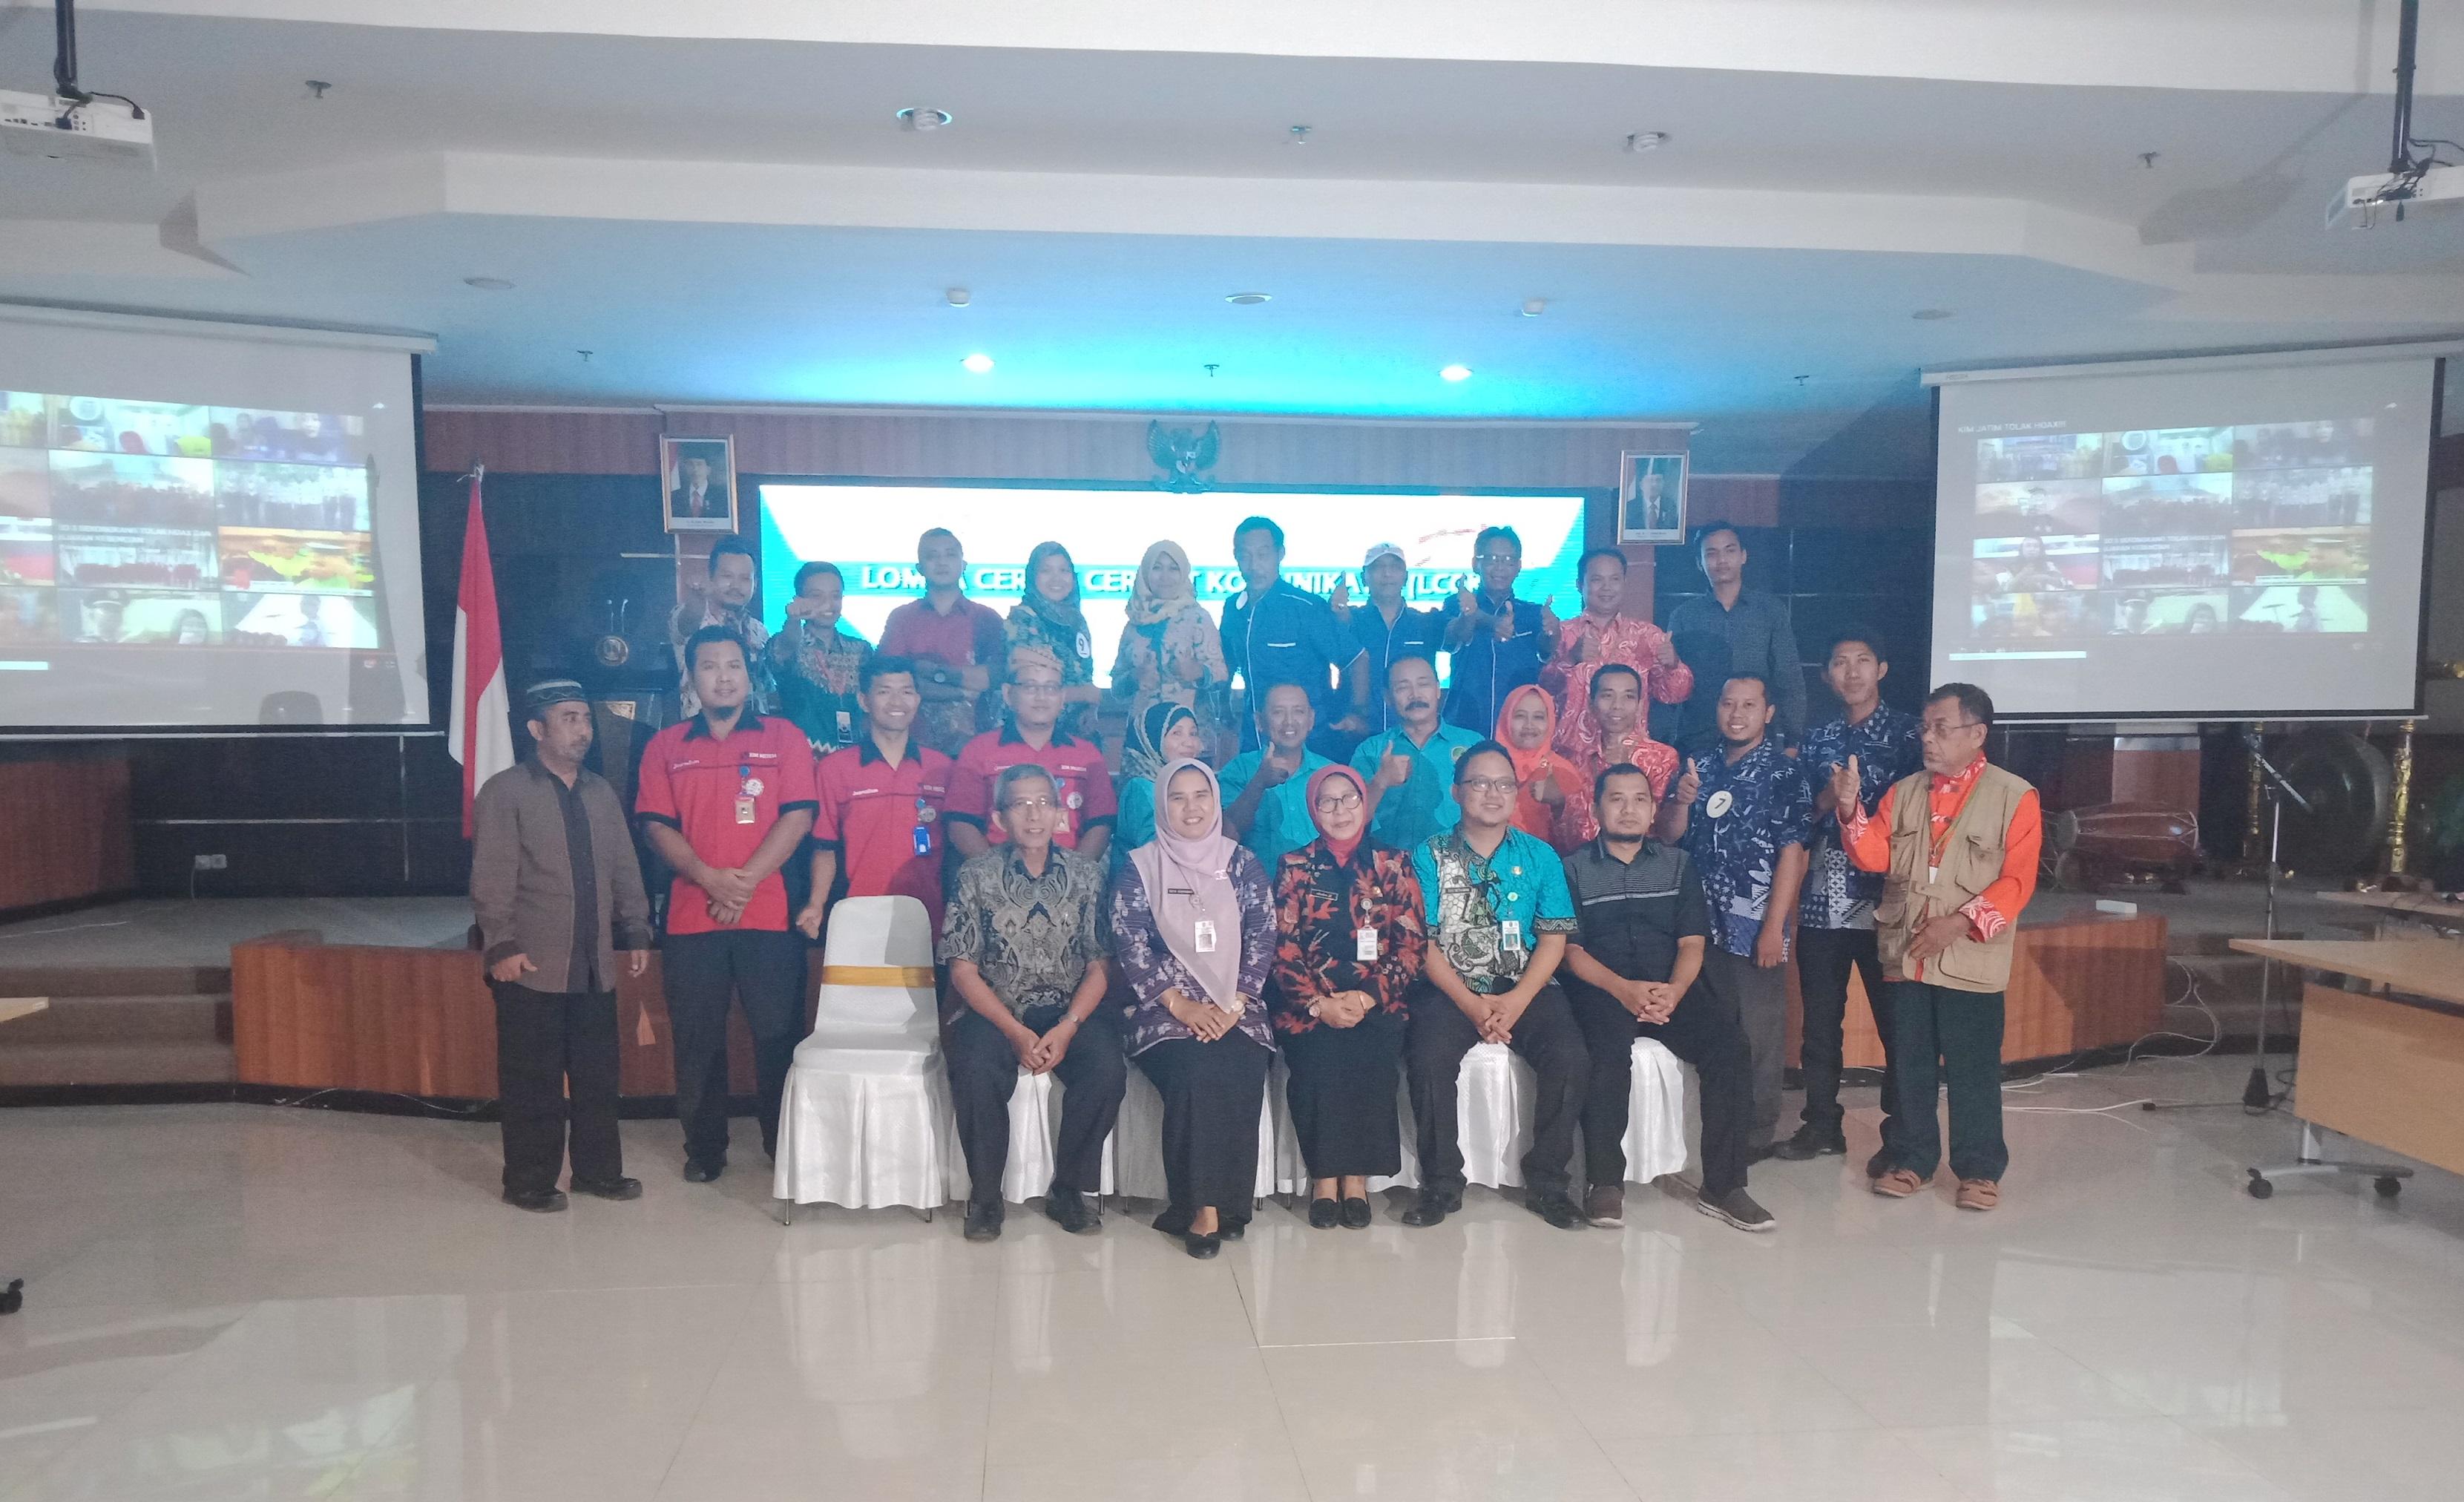 Kim Harapan Bersama Wakili Kabupaten Gresik Seleksi Administrasi  LCCK  2018